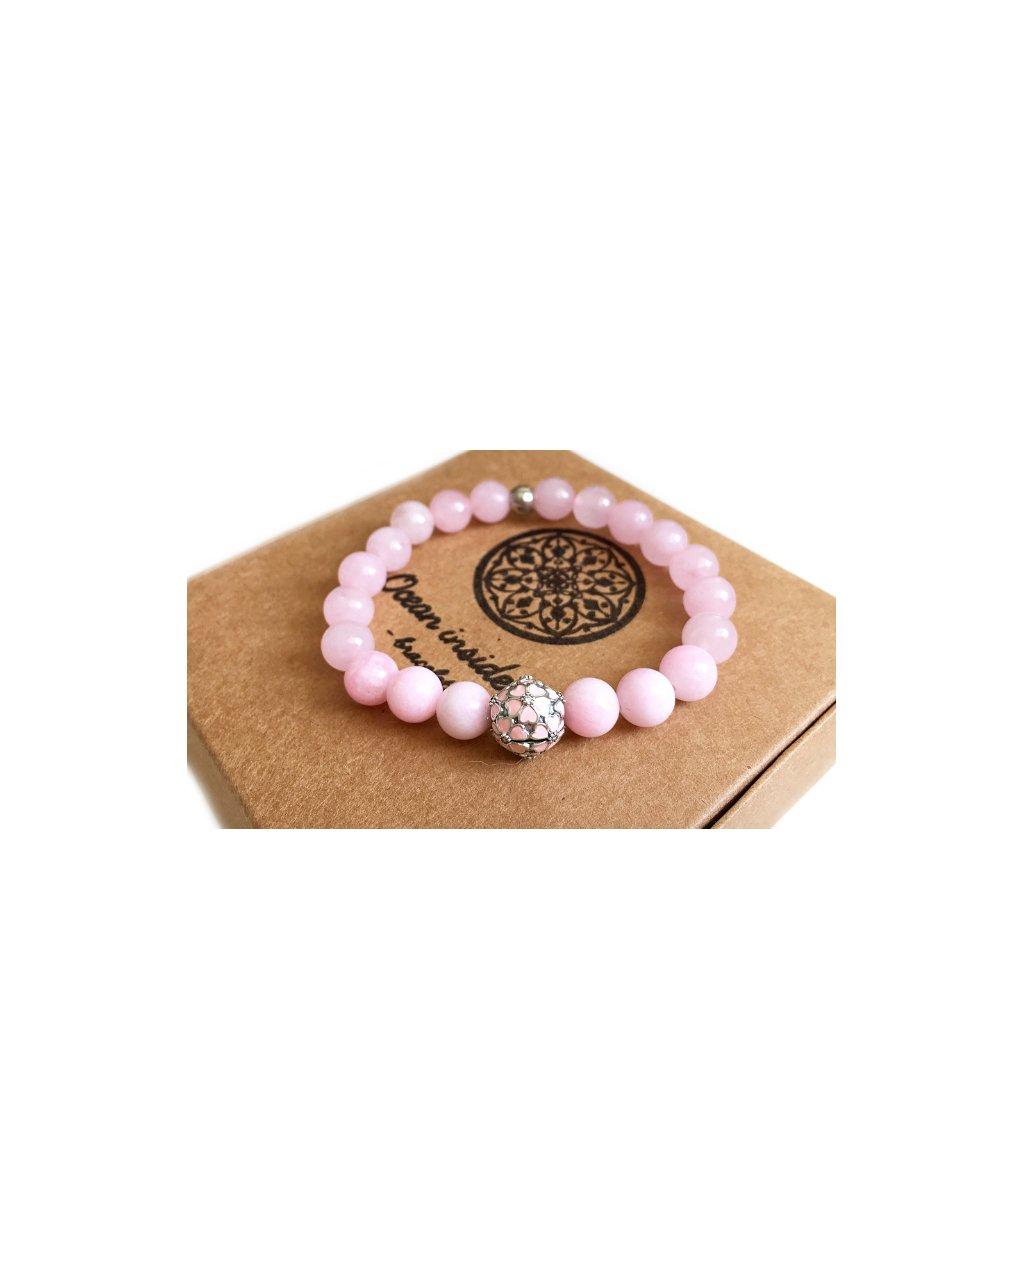 Náramek z minerálů růženín s luxusním korálkem - síla lásky a květiny